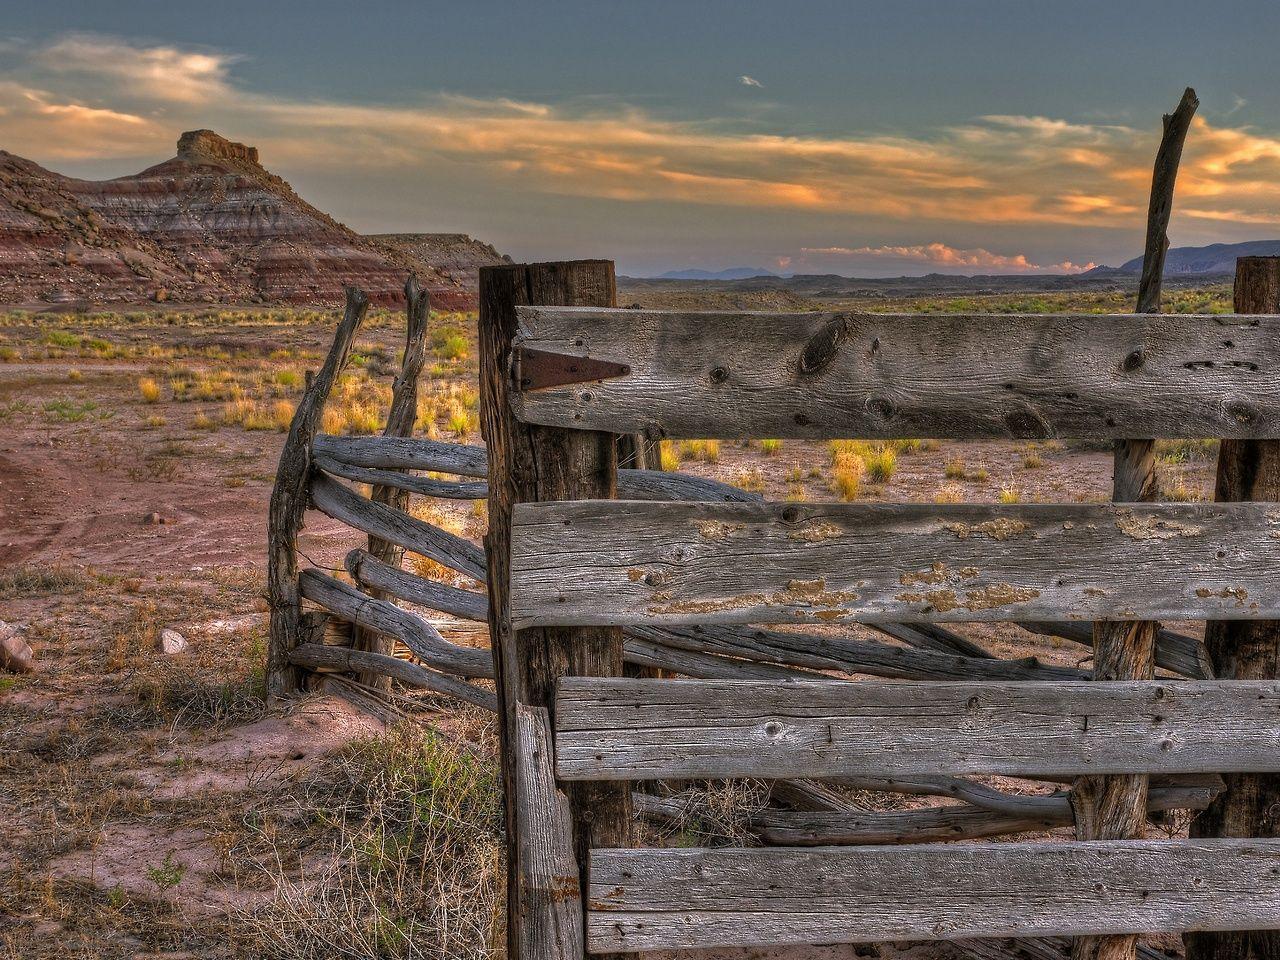 Corral at Uranium Badlands by Gary Orona